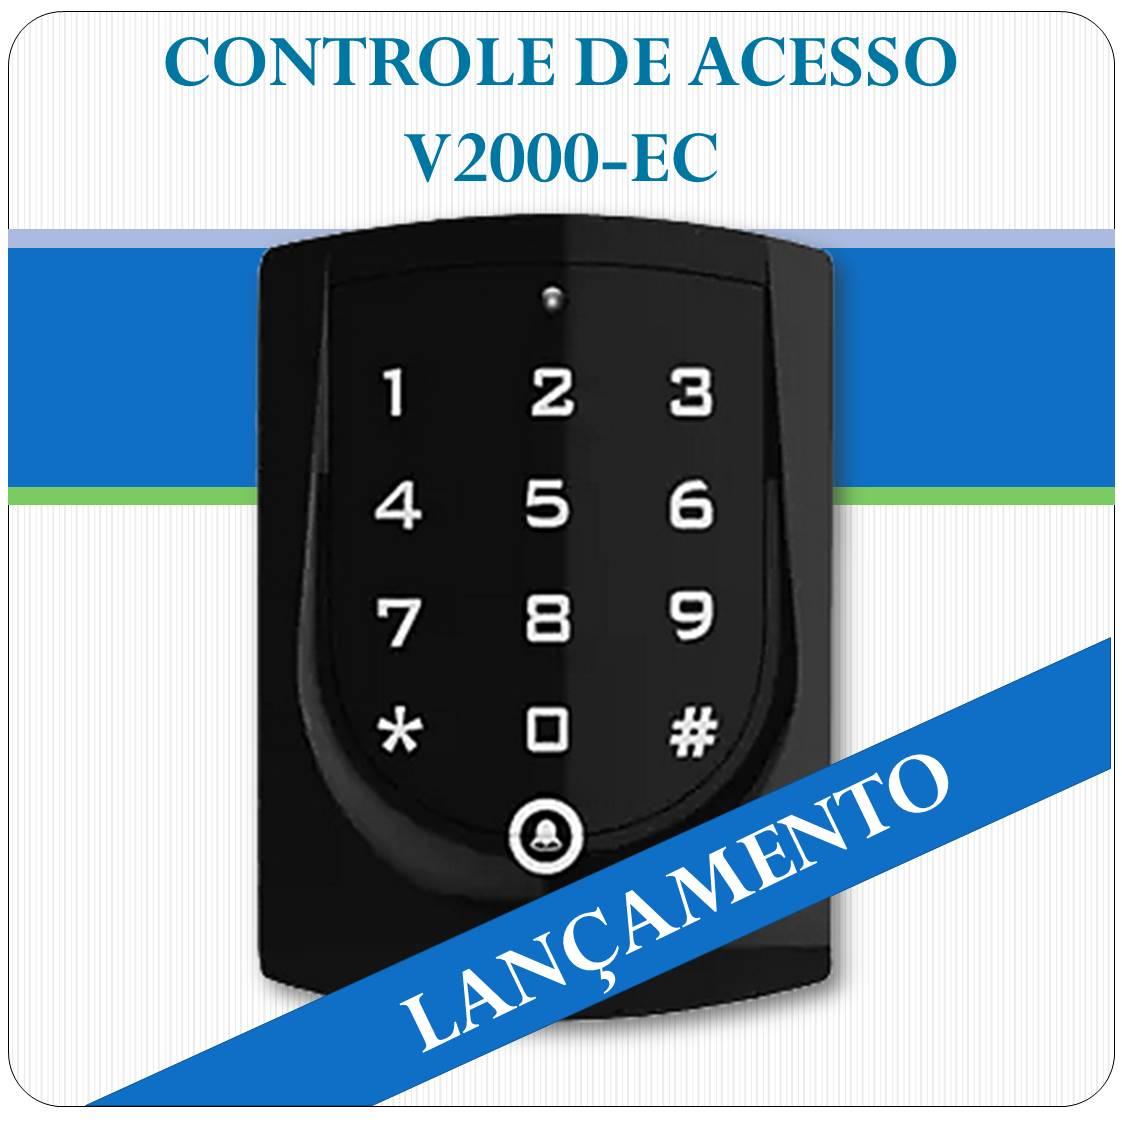 Controle de Acesso Stand Alone RFID Mifare - V2000-EC